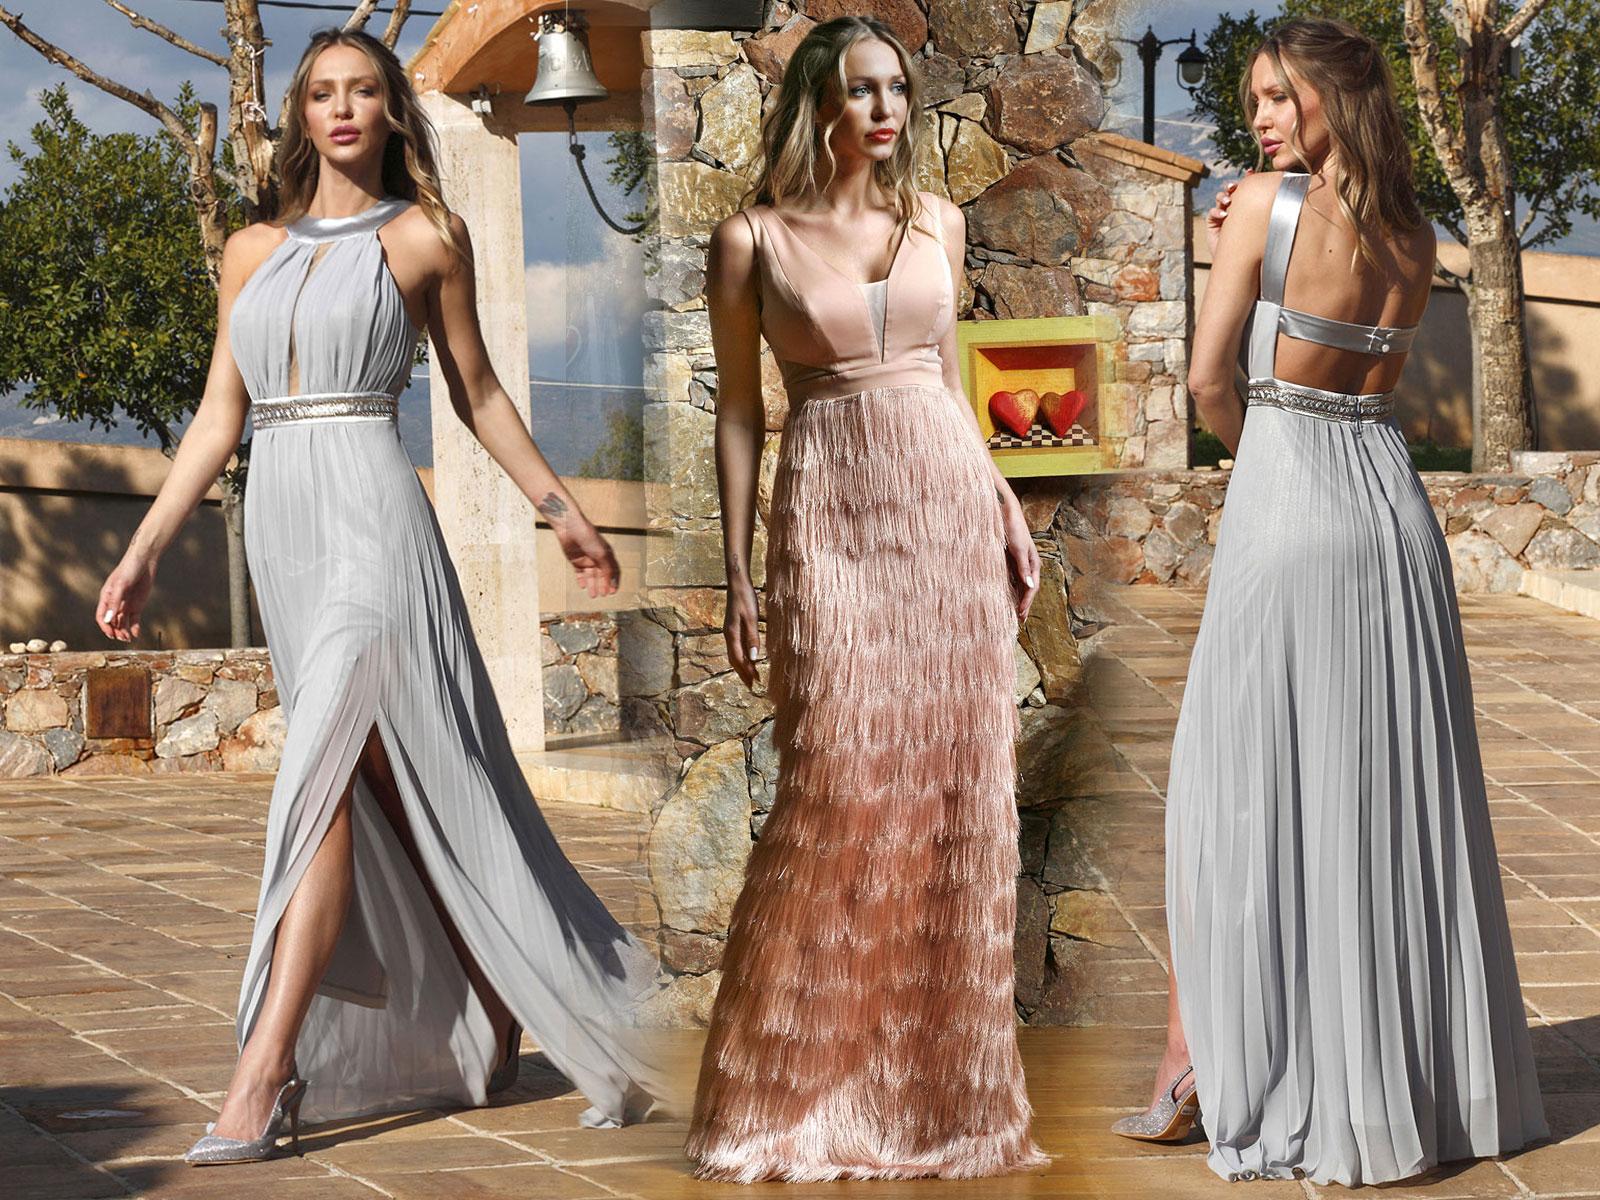 132d08df62c9 Γυναικεια φορεματα Φορέματα όλες περιστάσεις newsletter  μείνετε  ενημερωμένοι τελευταία νέα μας! άποψη